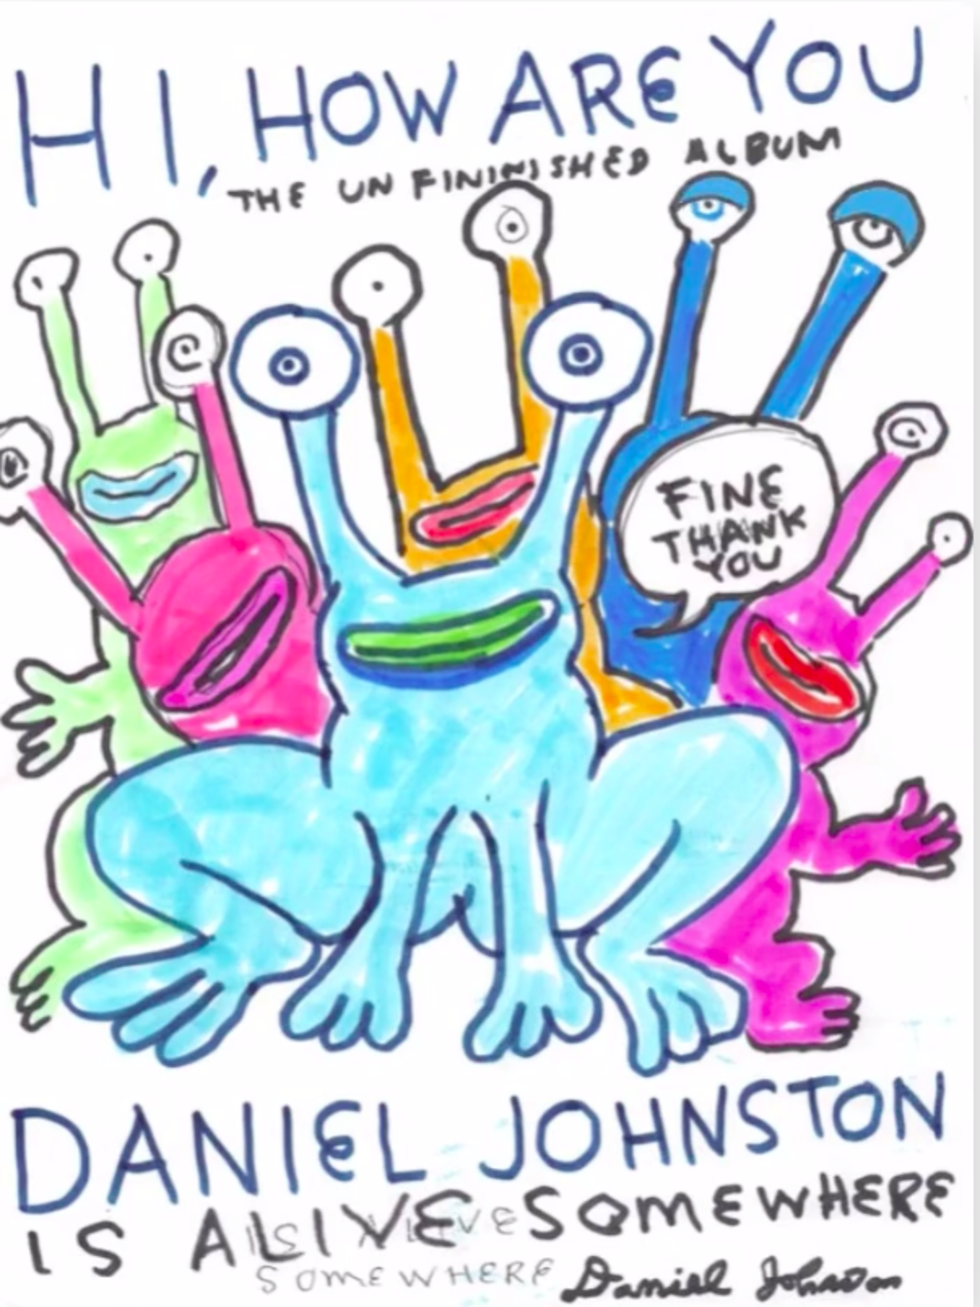 Daniel Johnston art